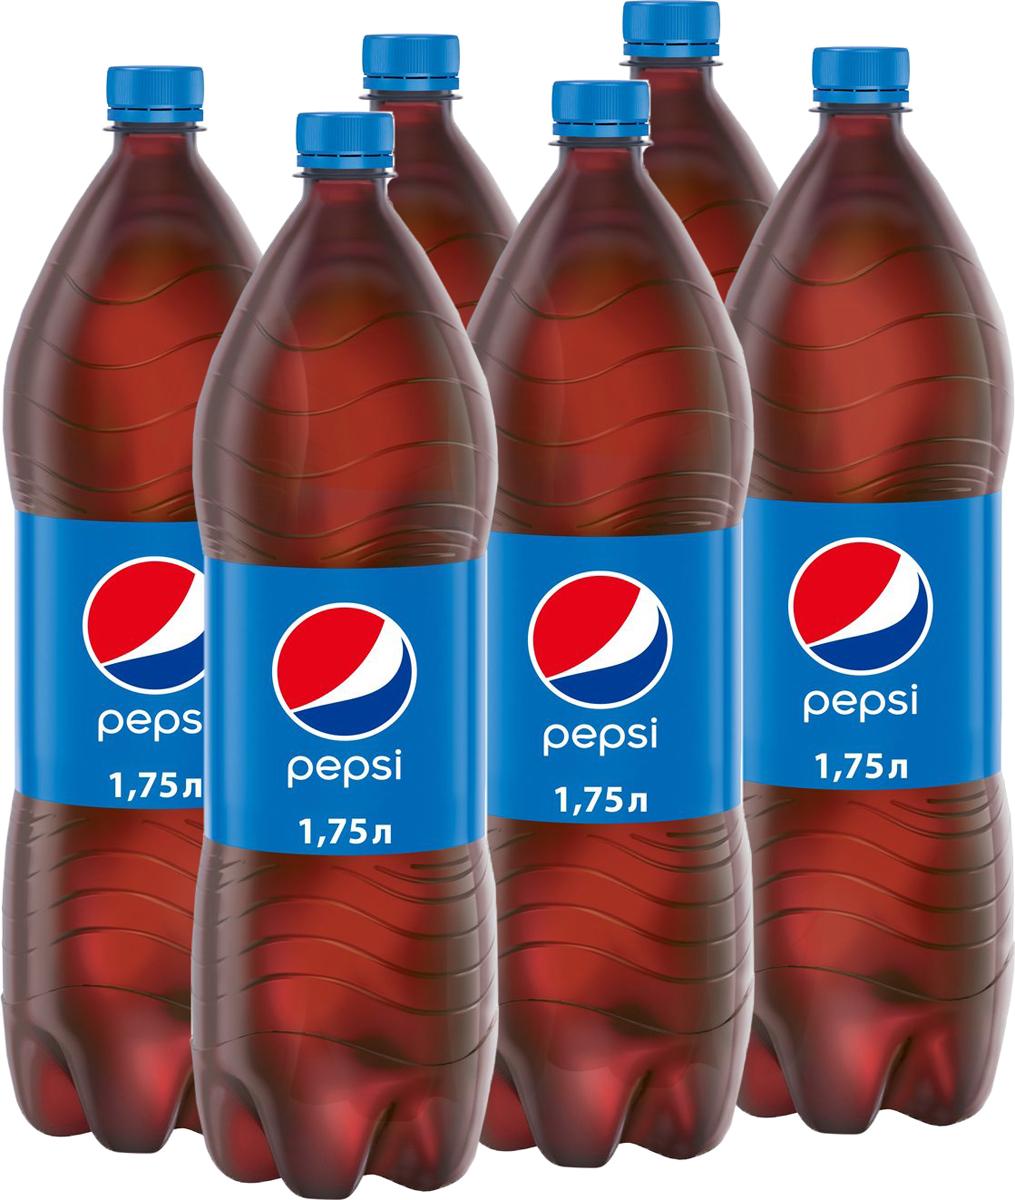 Pepsi-Cola напиток сильногазированный, 6 штук по 1,75 л340015817_блокиКлассический Pepsi, не нуждающийся в представлении.О бренде:Pepsi - легендарный напиток, изобретенный фармацевтом К. Бредхемом в 1893 году и завоевавший популярность по всему миру.